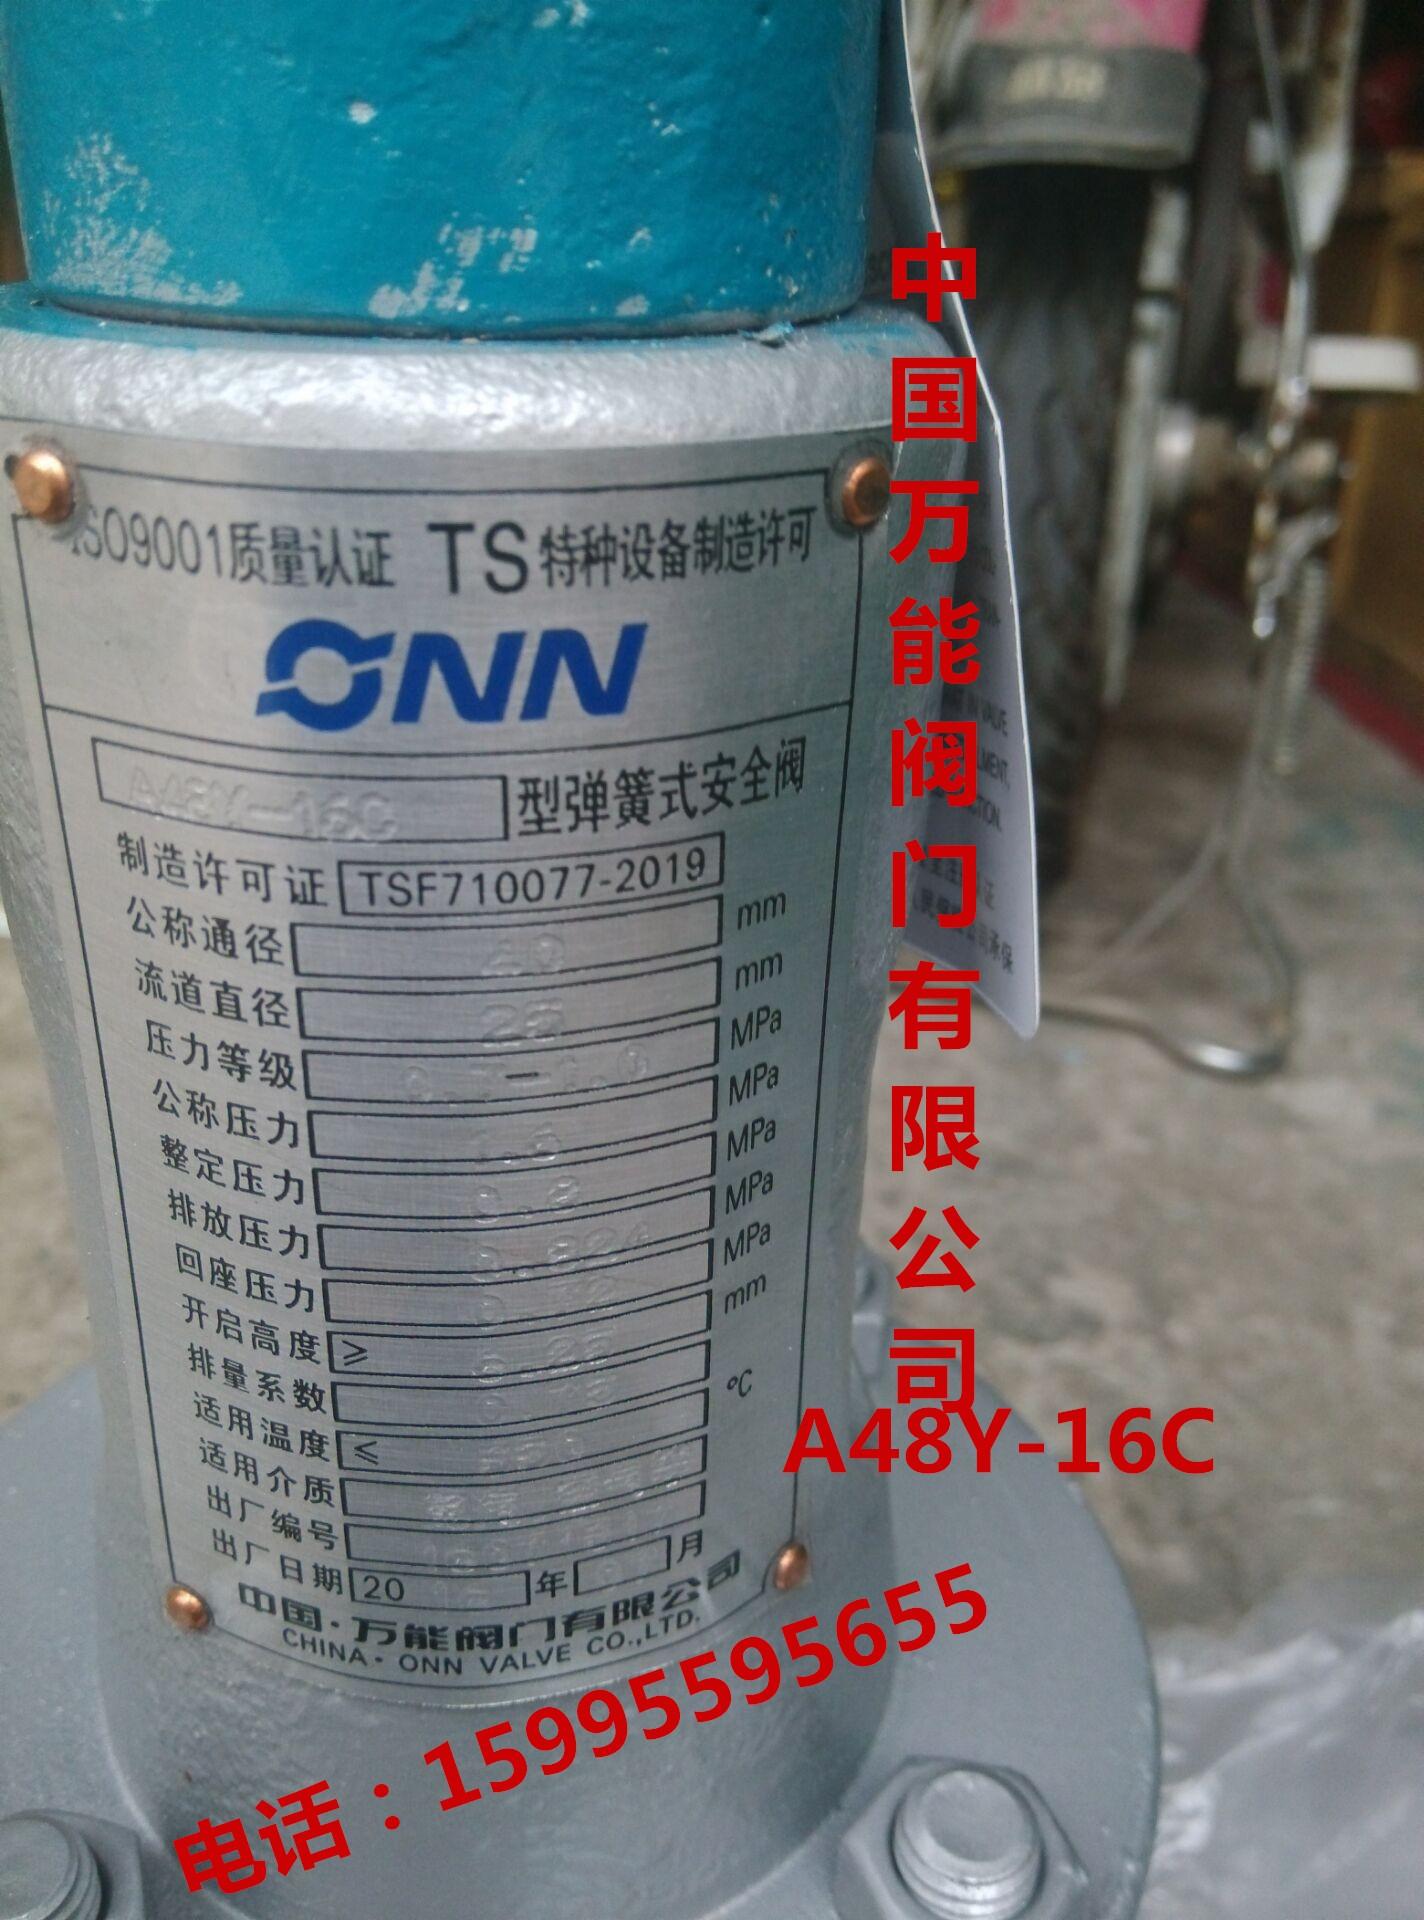 hiina on universaalne ventiil kevadel kaitseklapp A48Y-16CDN125 auru ääriku kaitseklapp